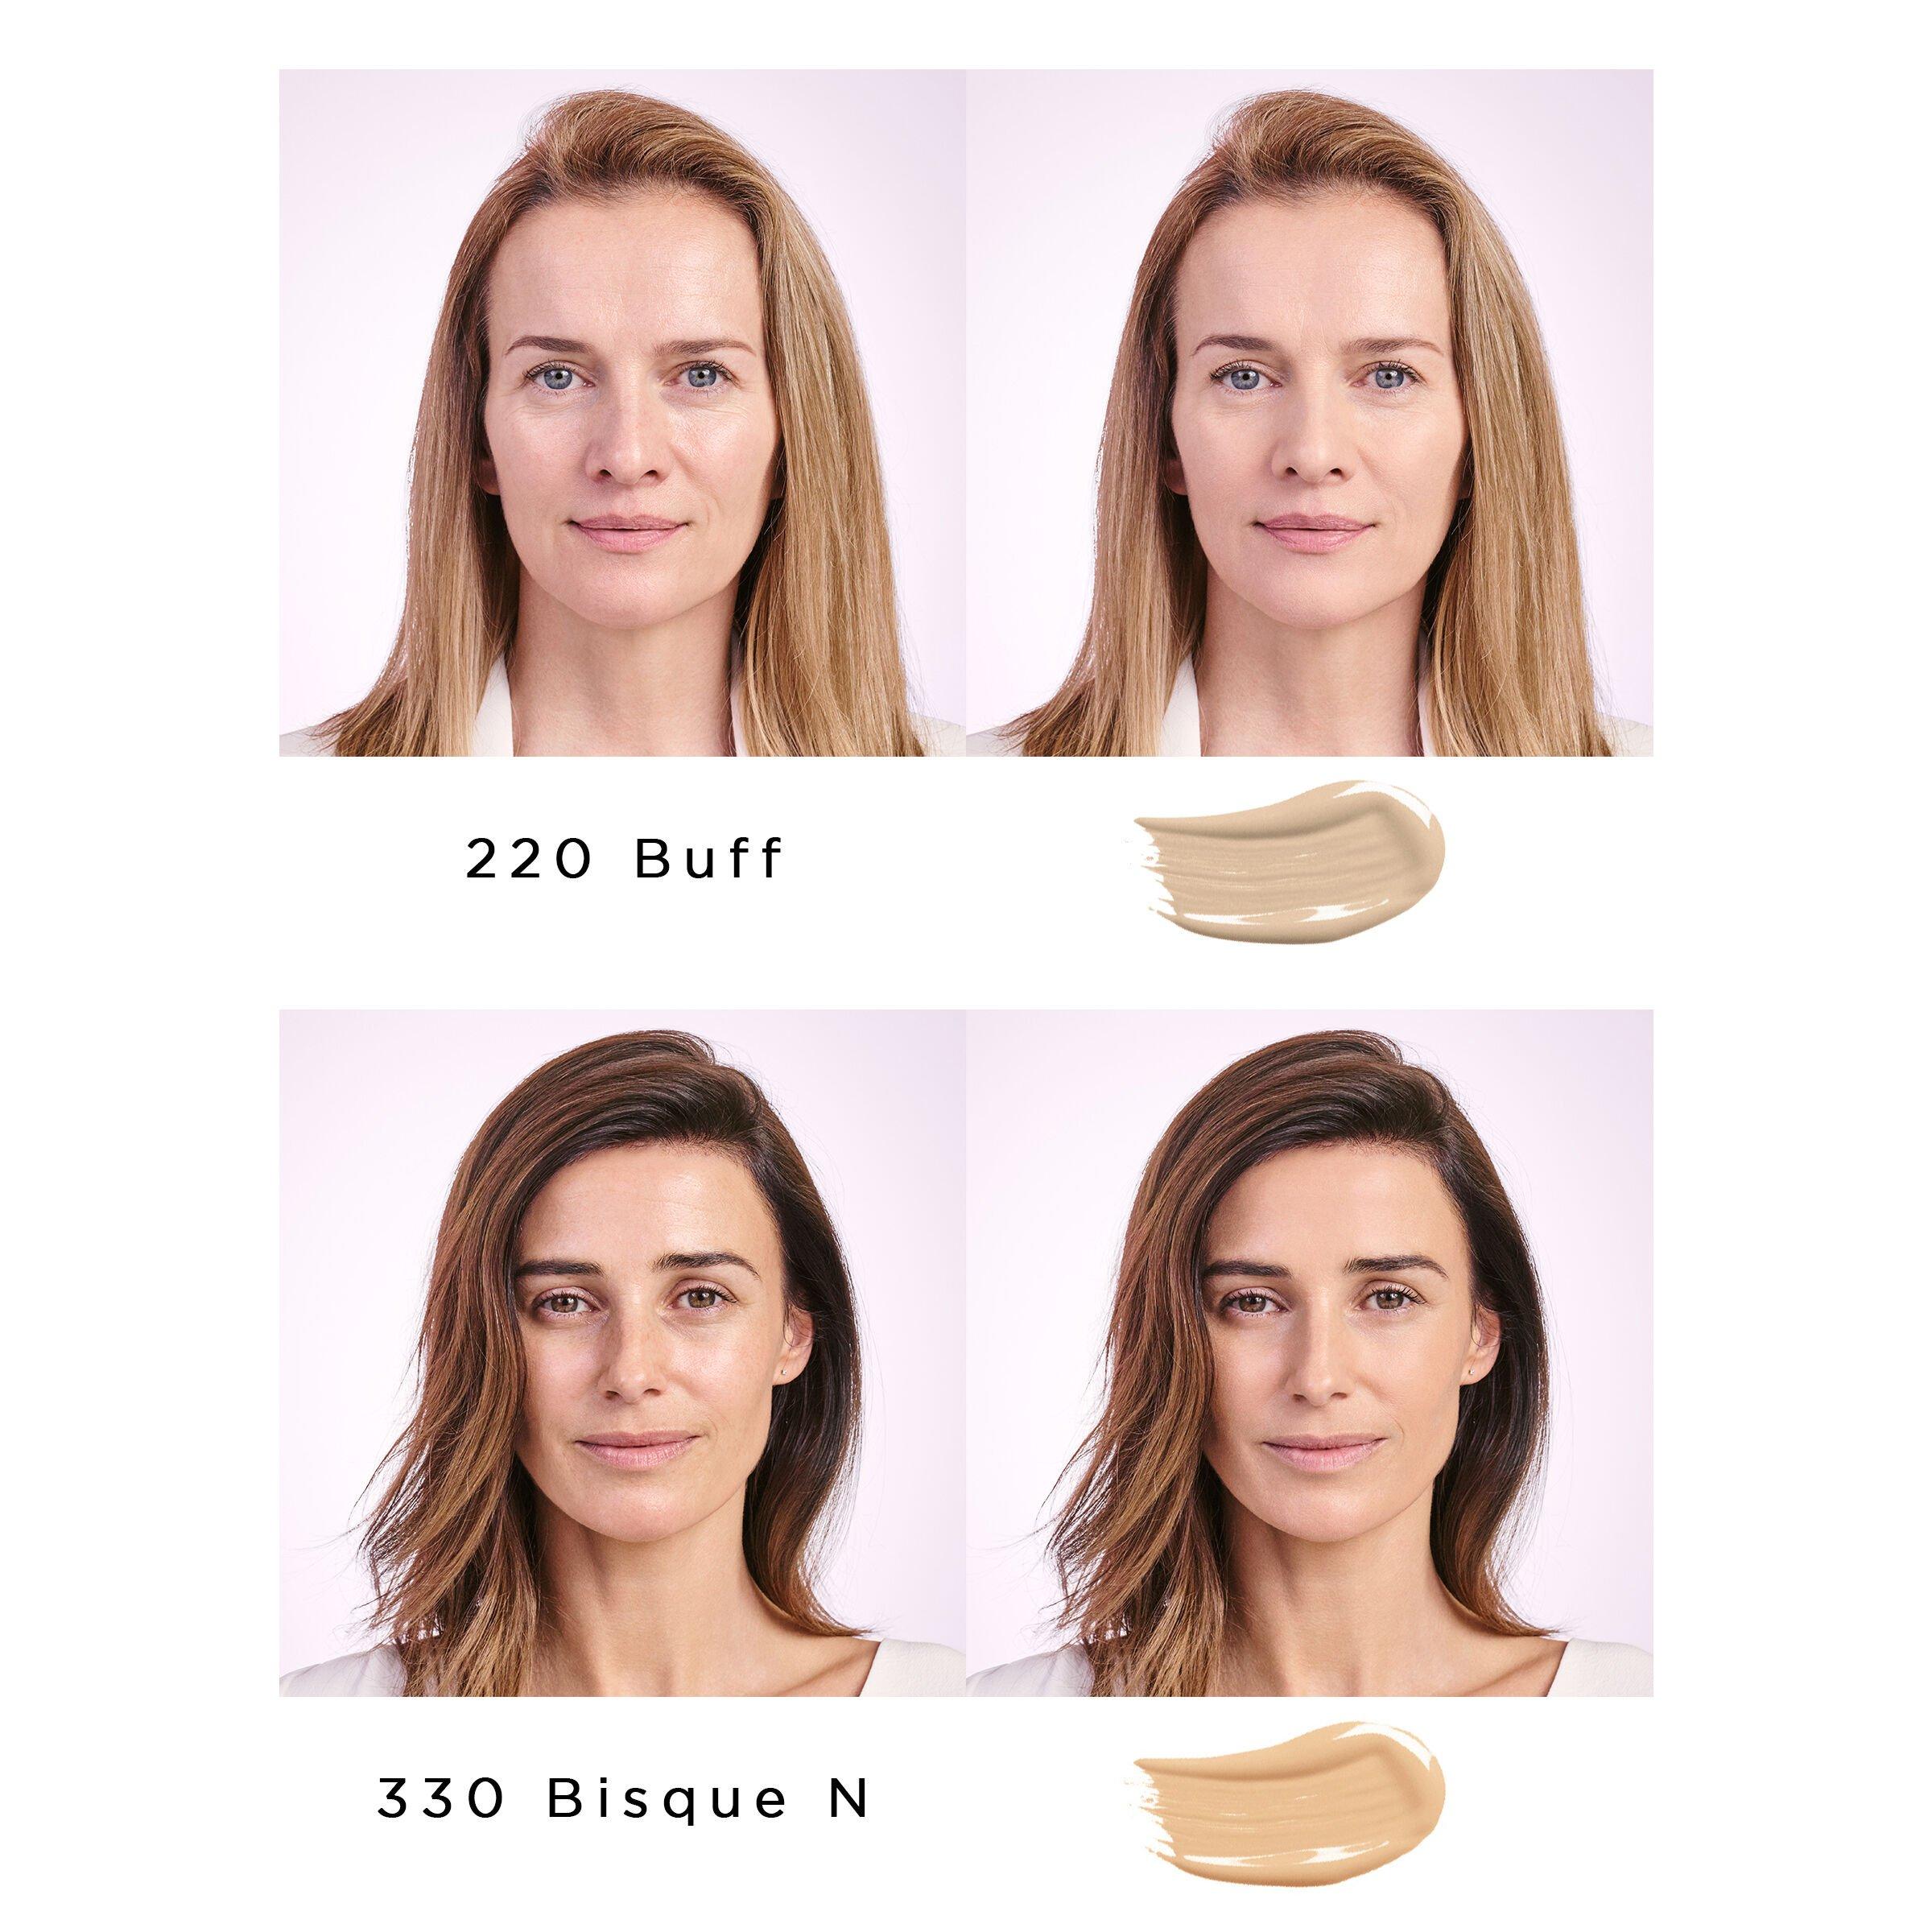 Base de maquillaje Renergie Lift Makeup con FPS 27